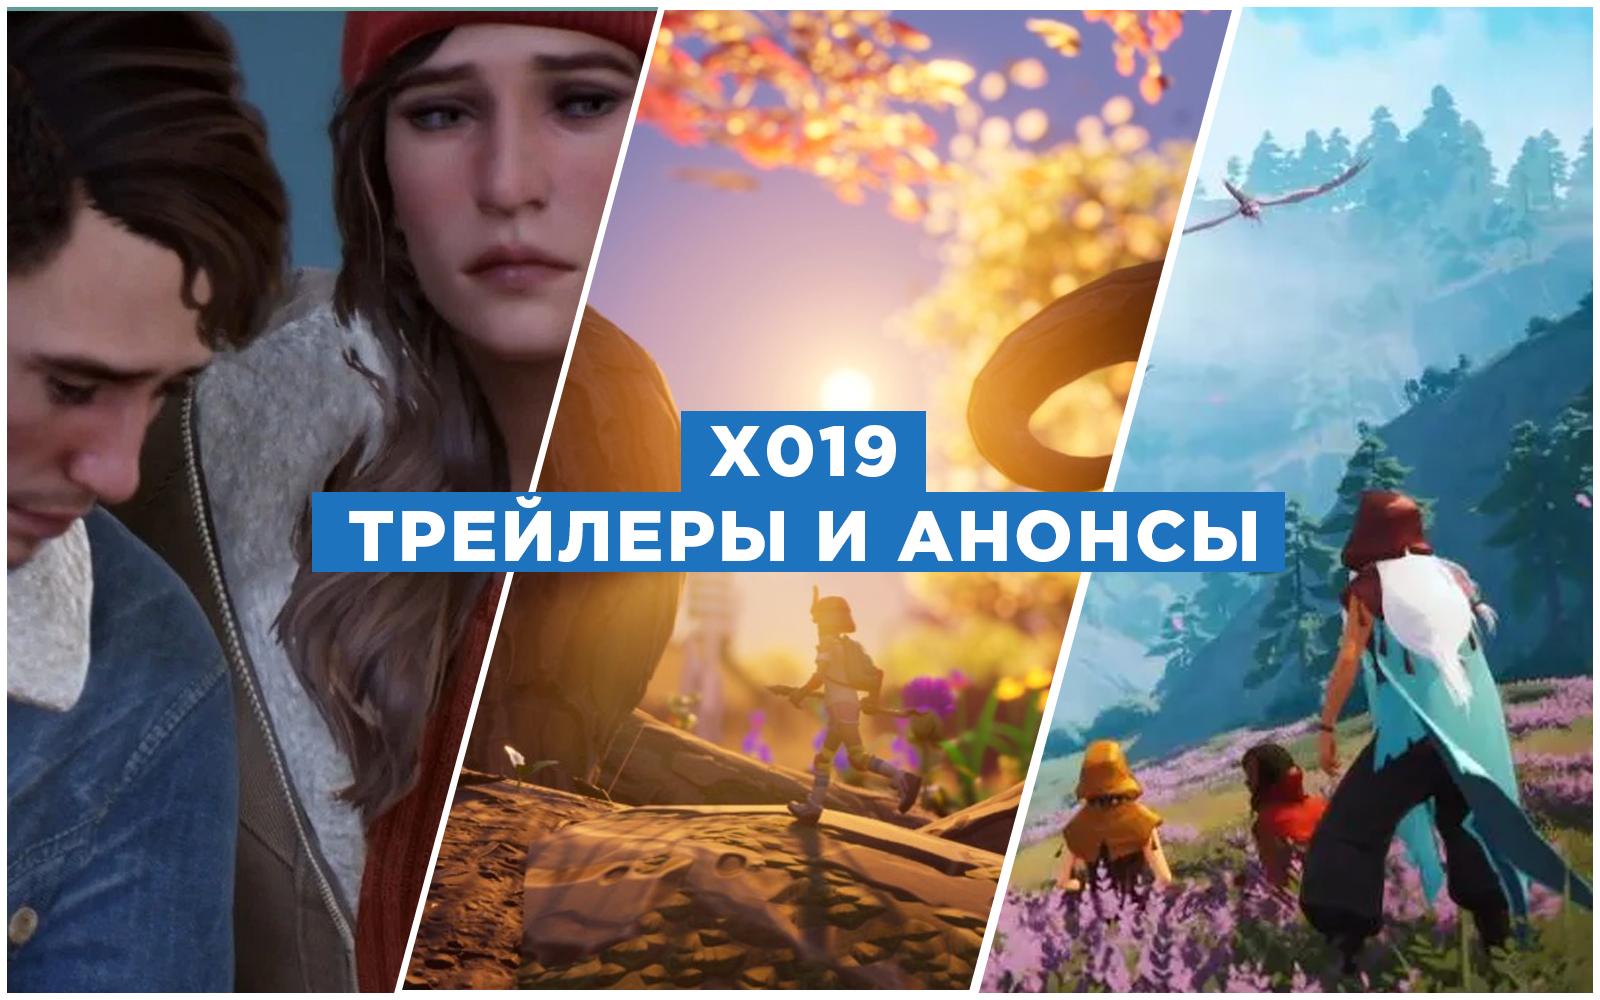 «Выживач» от Obsidian, игровое кино от авторов Life is Strange и Age of Empires IV — анонсы и трейлеры с X019 1